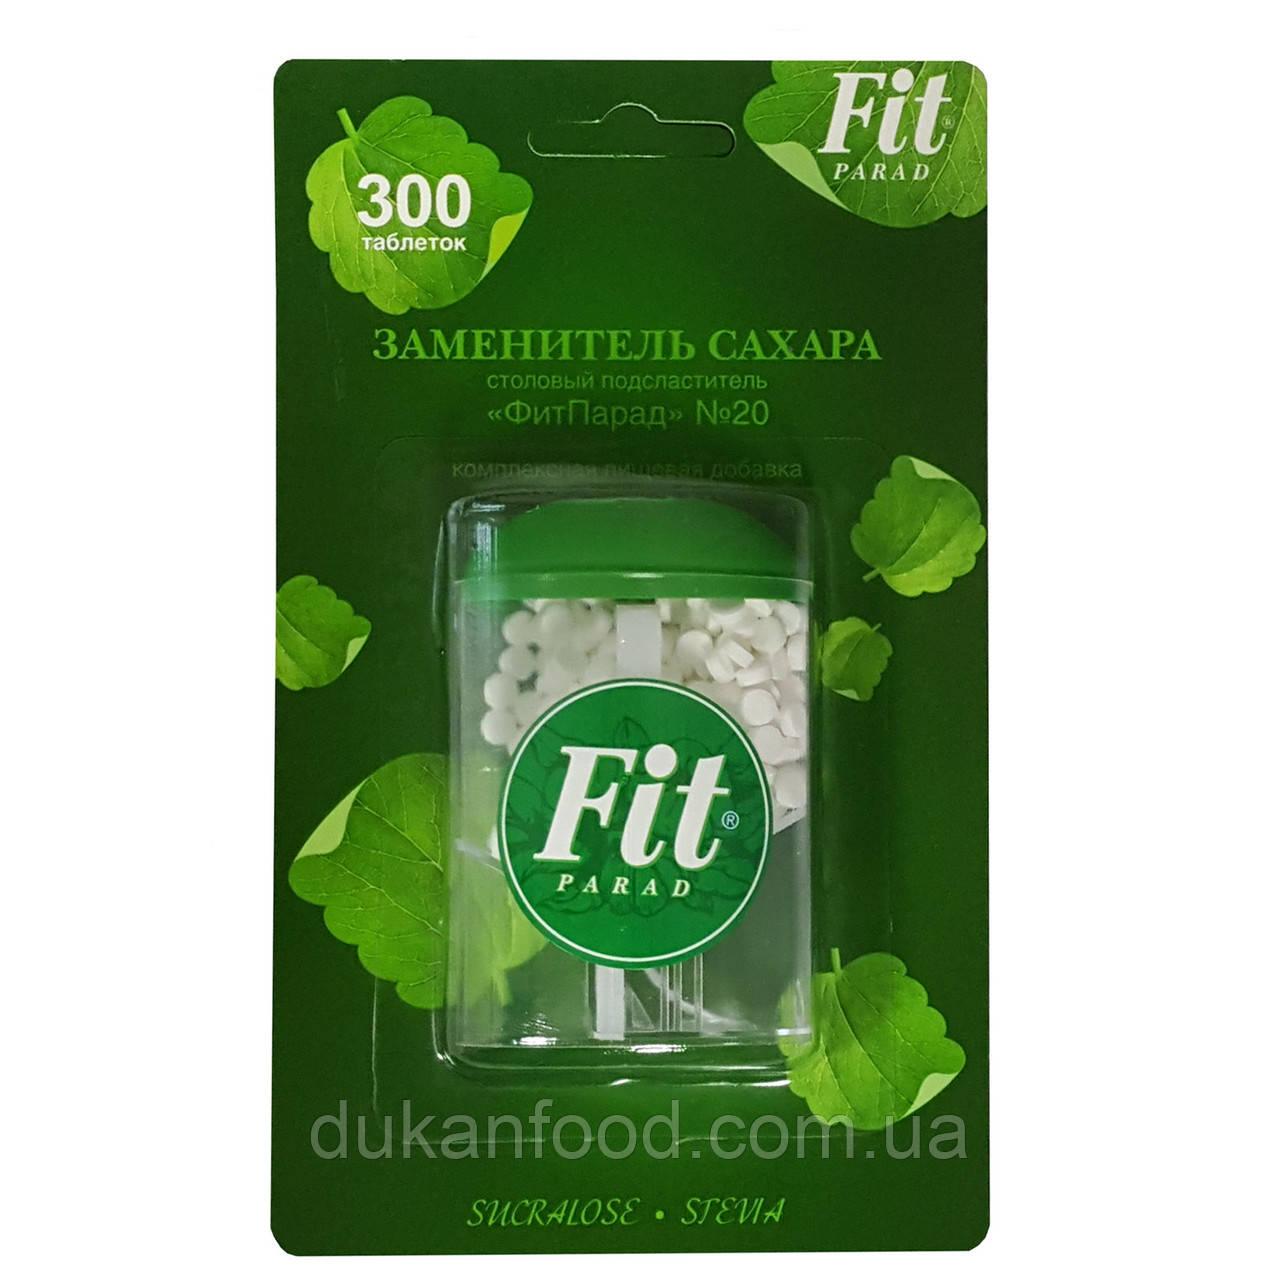 Сахарозаменитель ФитПарад №20, 300 таблеток на основе сукралозы и стевии